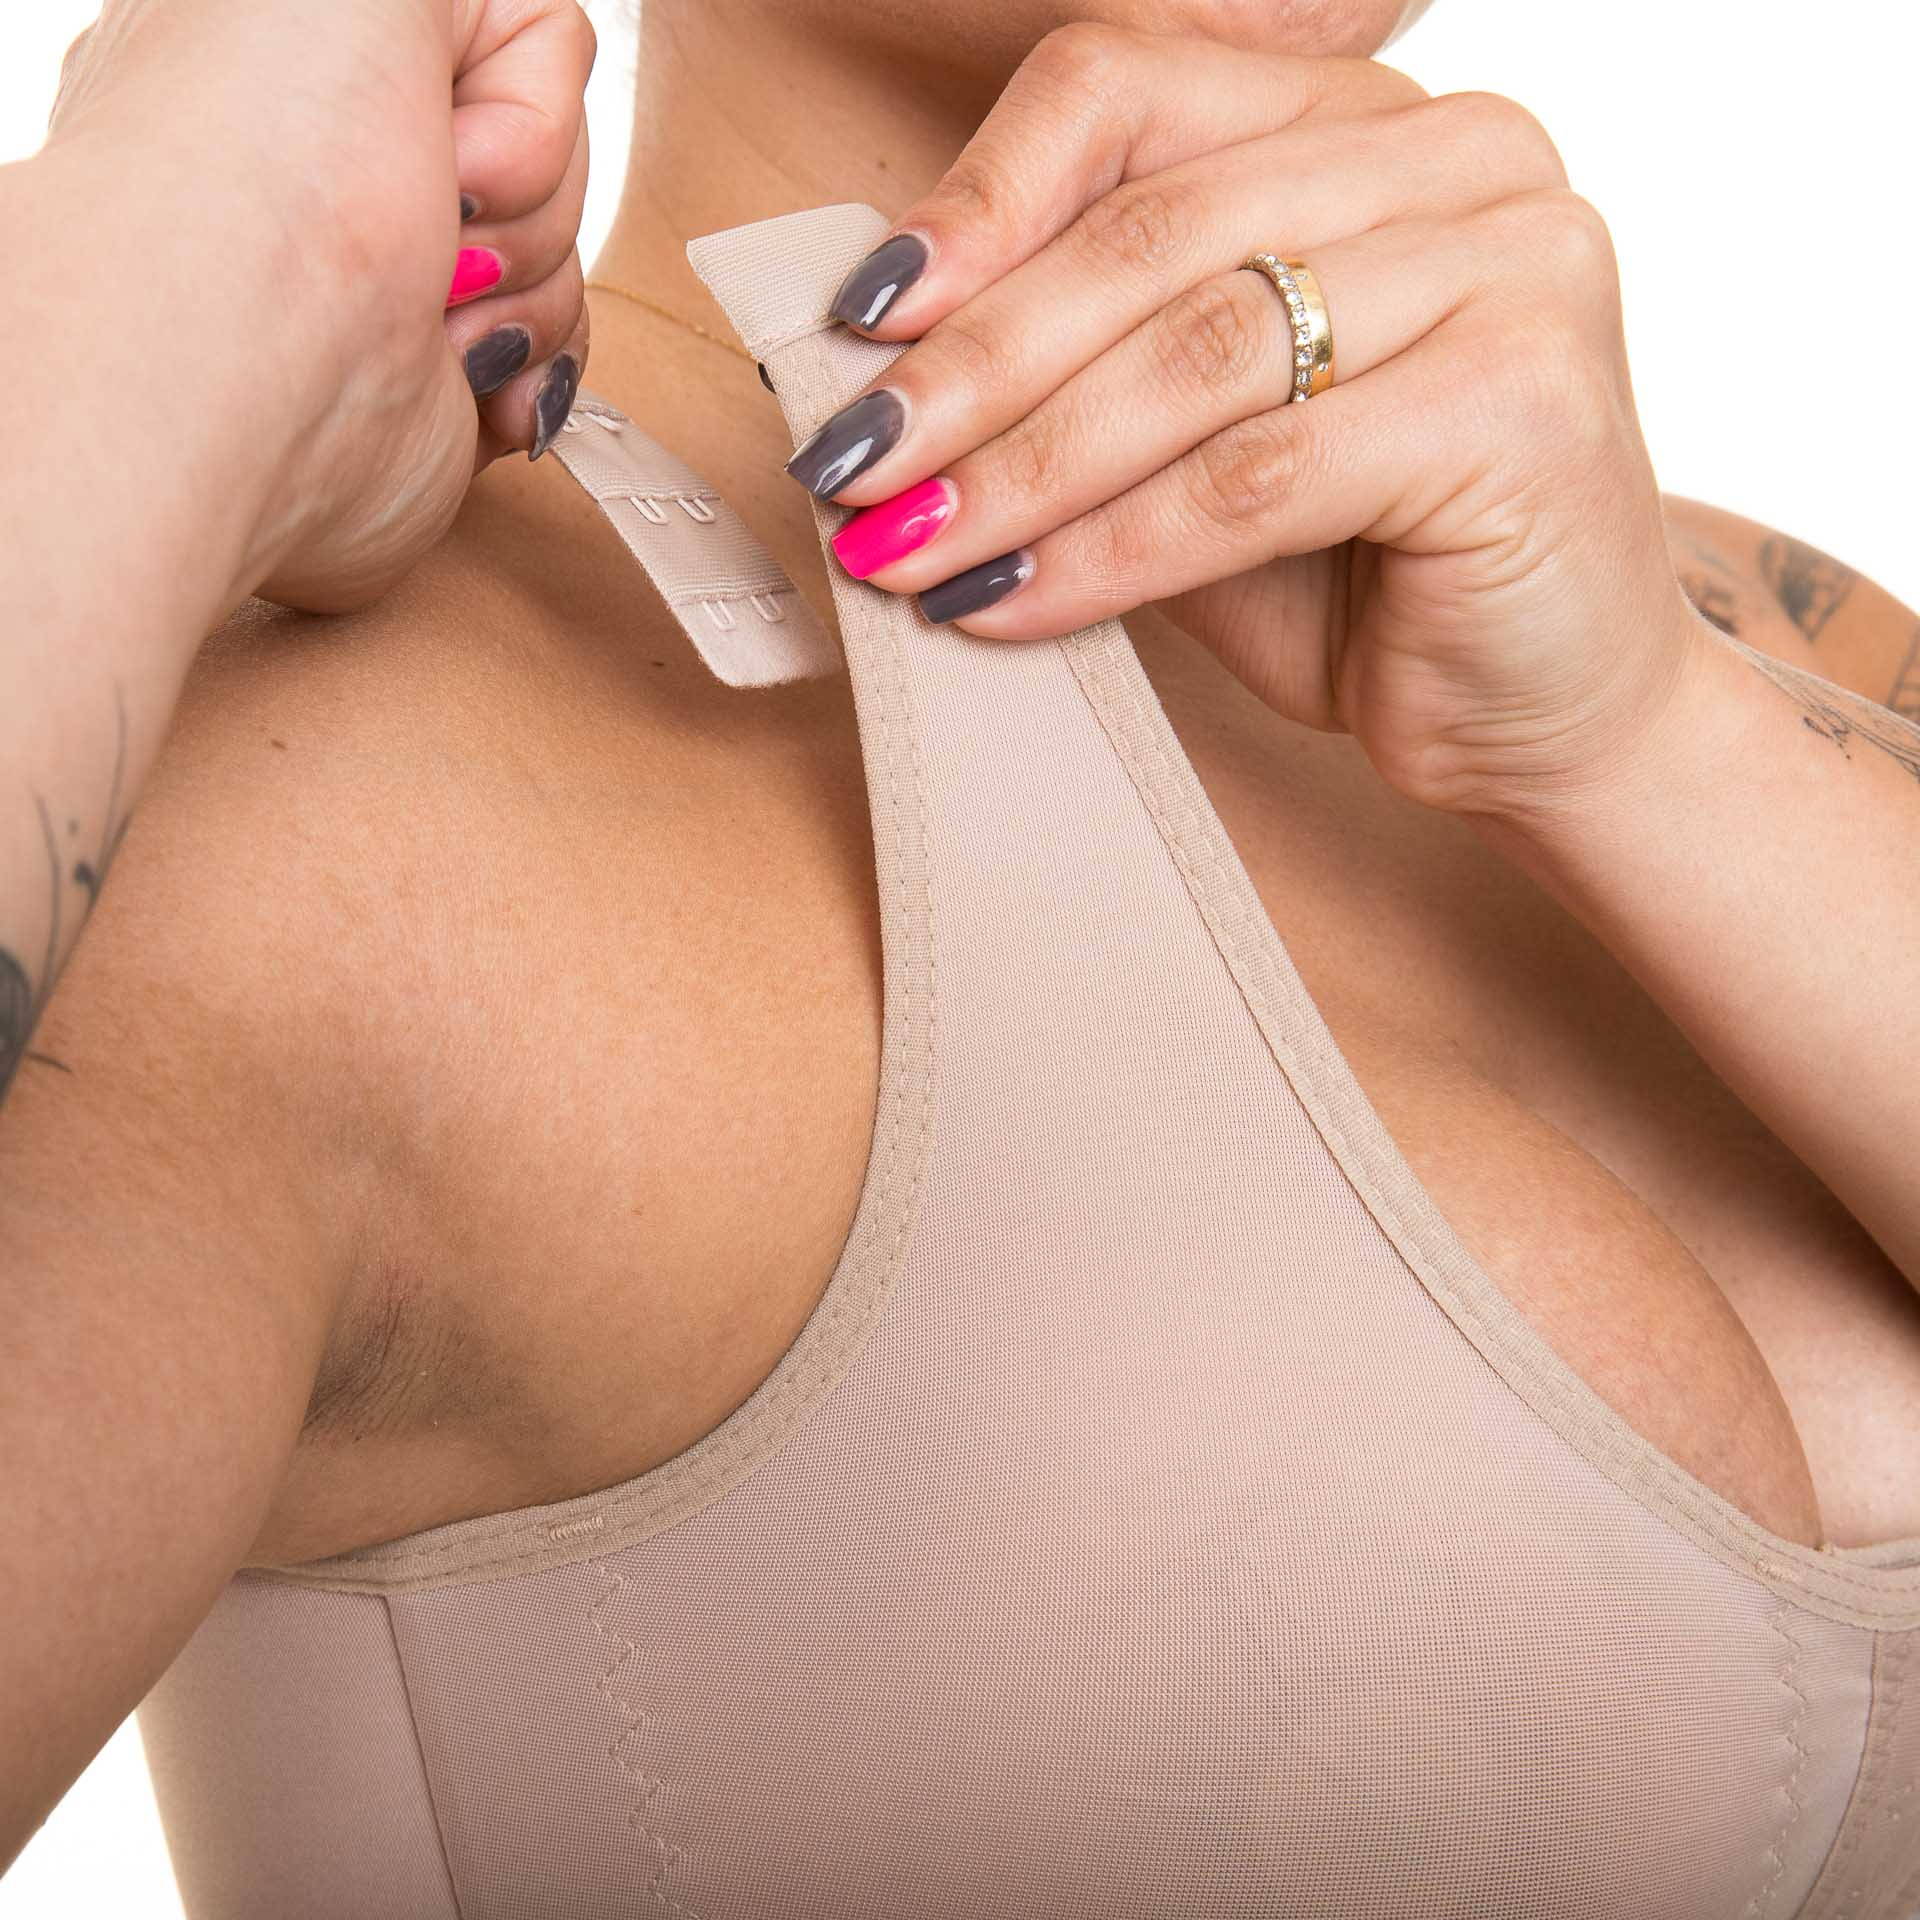 Sutiã Anatômico Reabilit 4017 abertura frontal, alça c colchetes, tecido cetinete pós cirúrgico p mastopexia mamoplastia